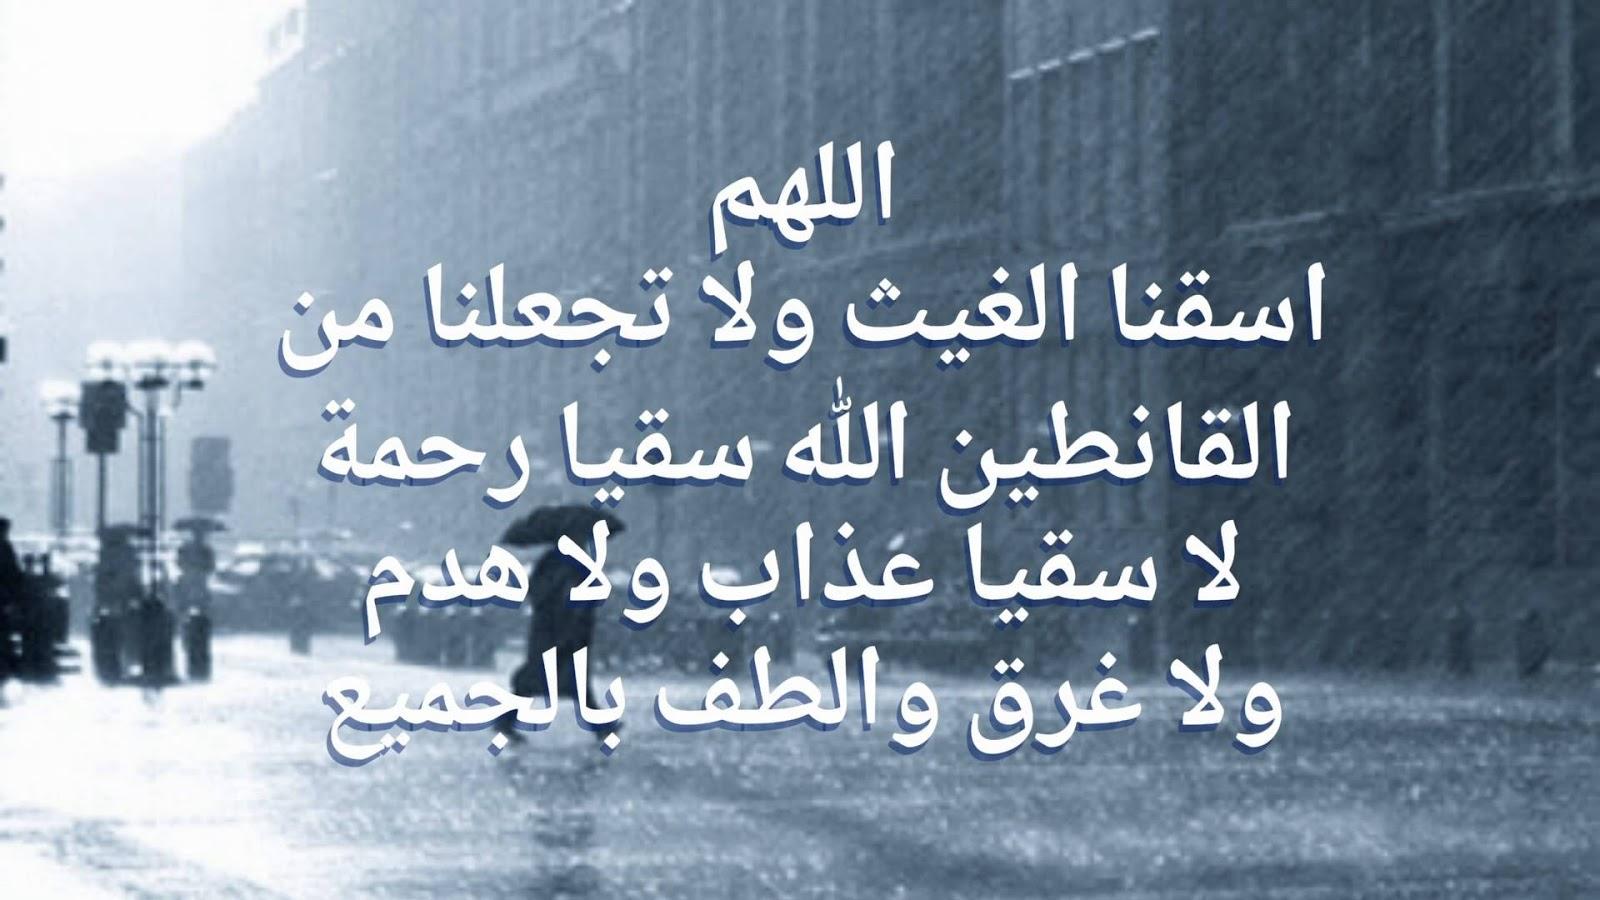 أهم أدعية نزول المطر